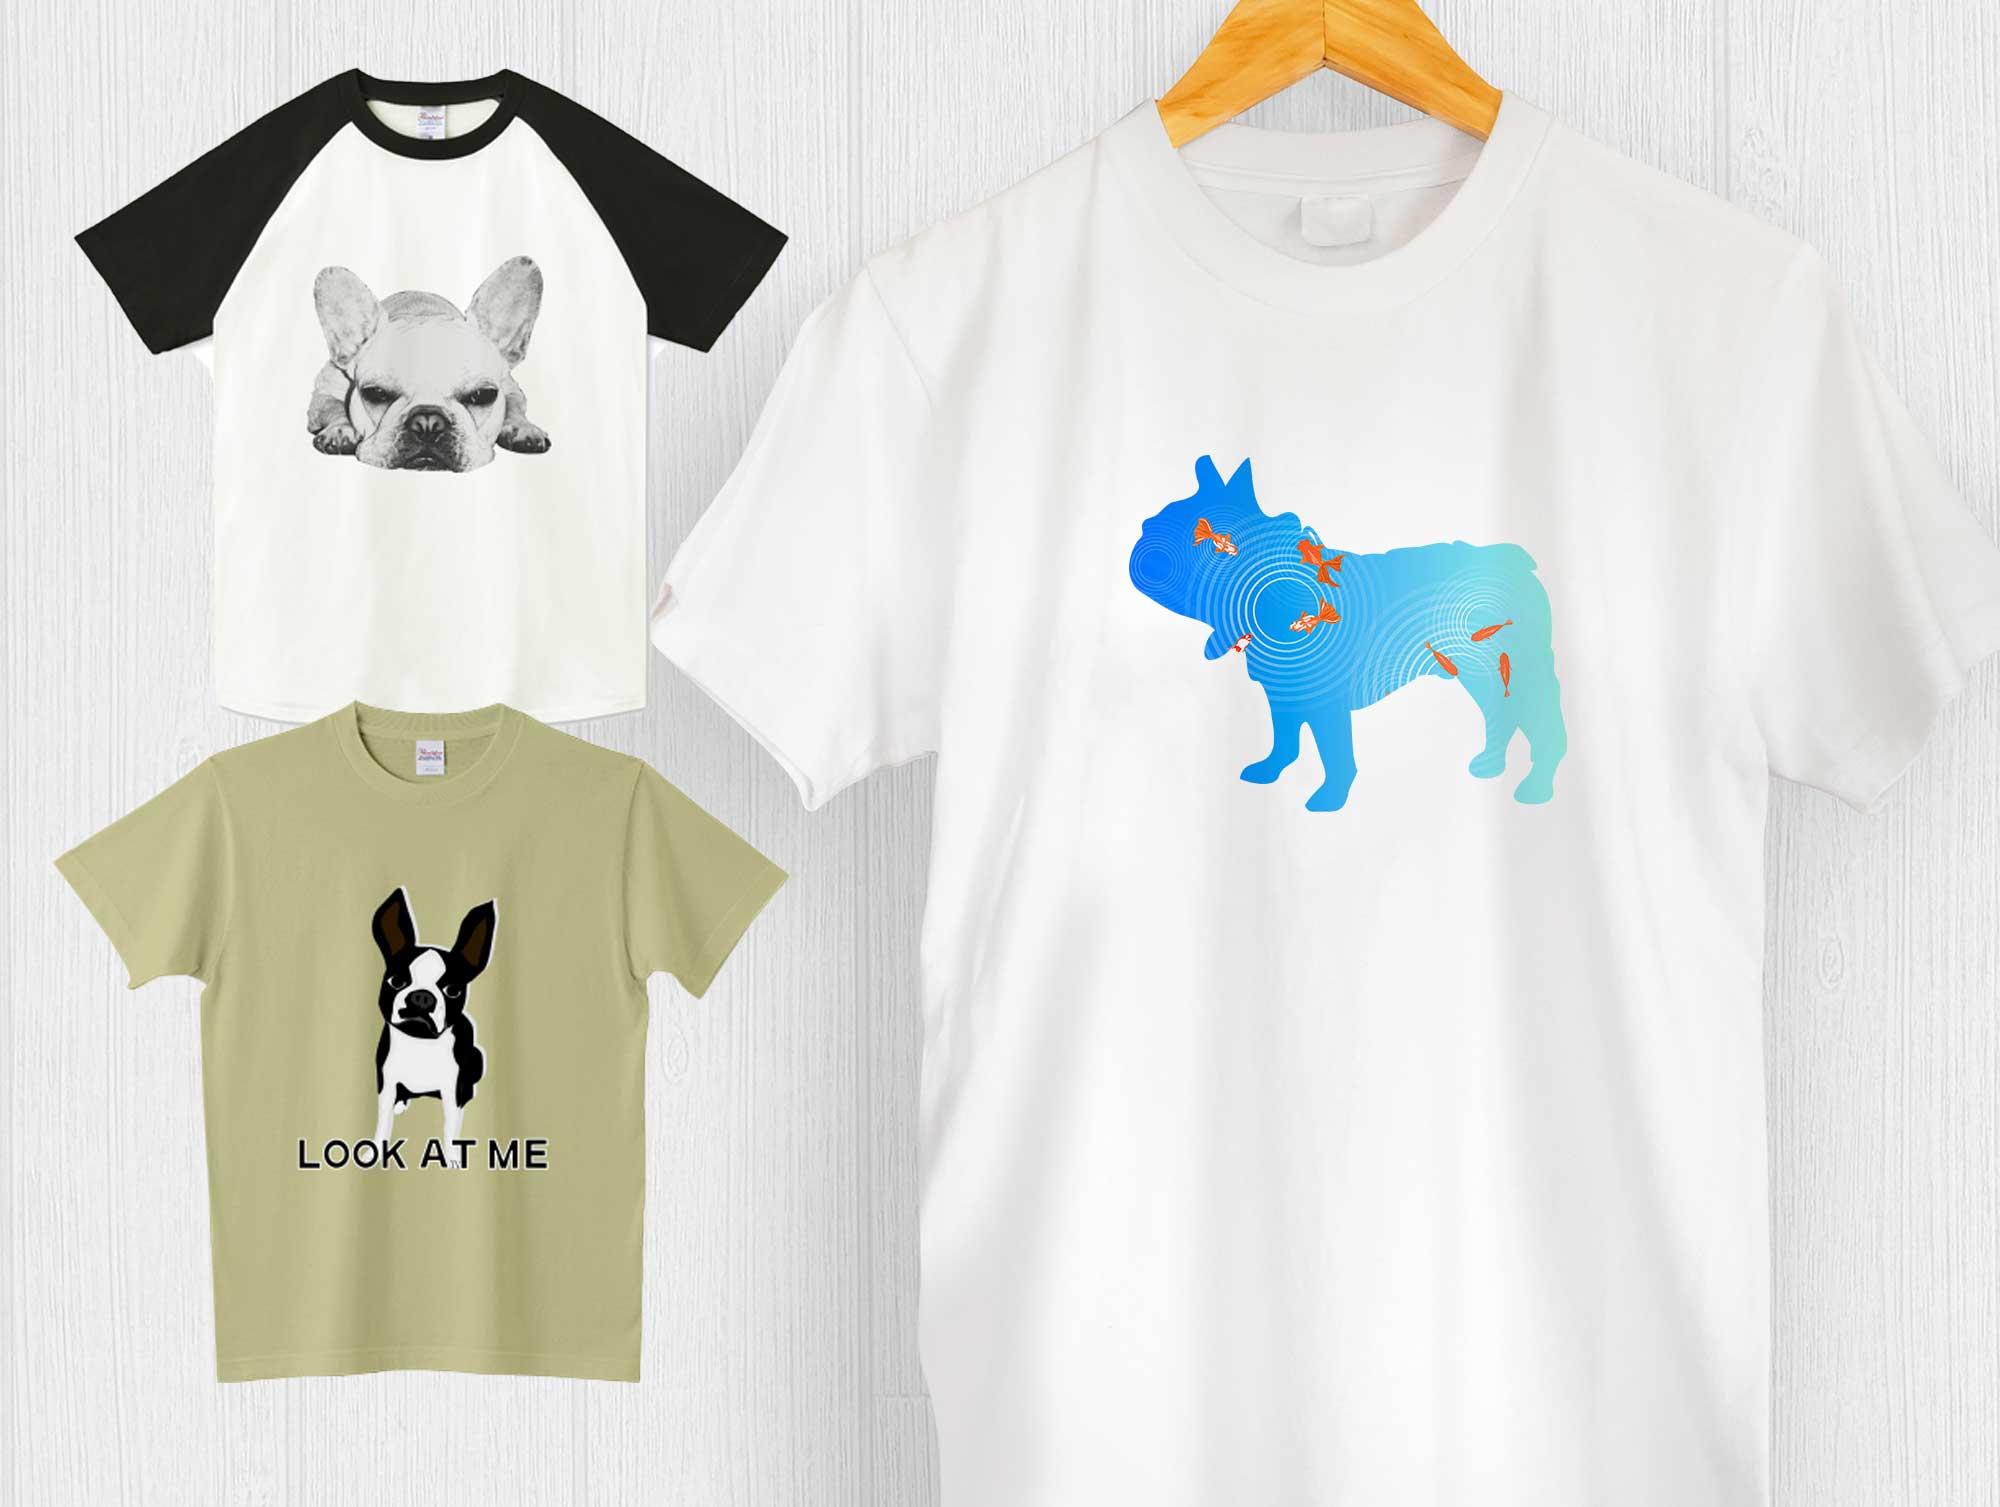 フレンチブルドッグTシャツ - レディース・メンズ・キッズ